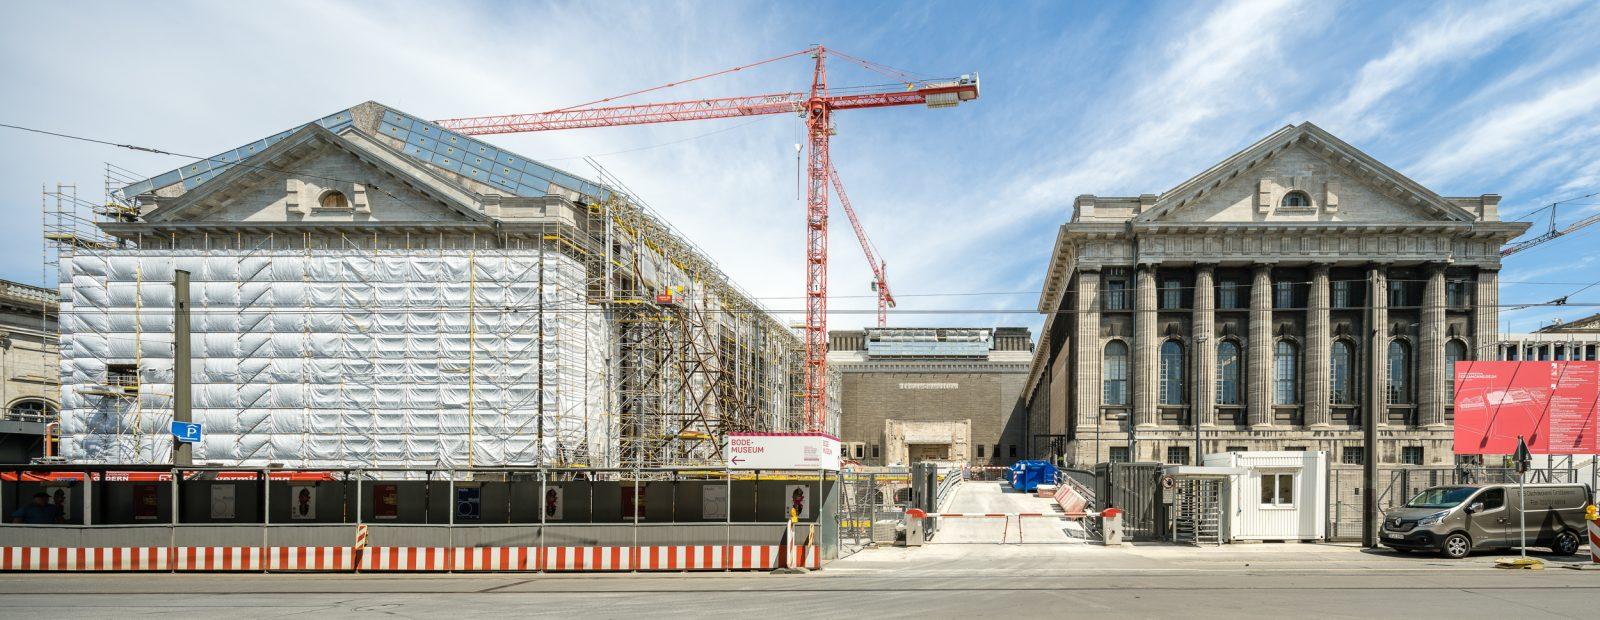 Baustelle Pergamonmuseum 2018, Berlin